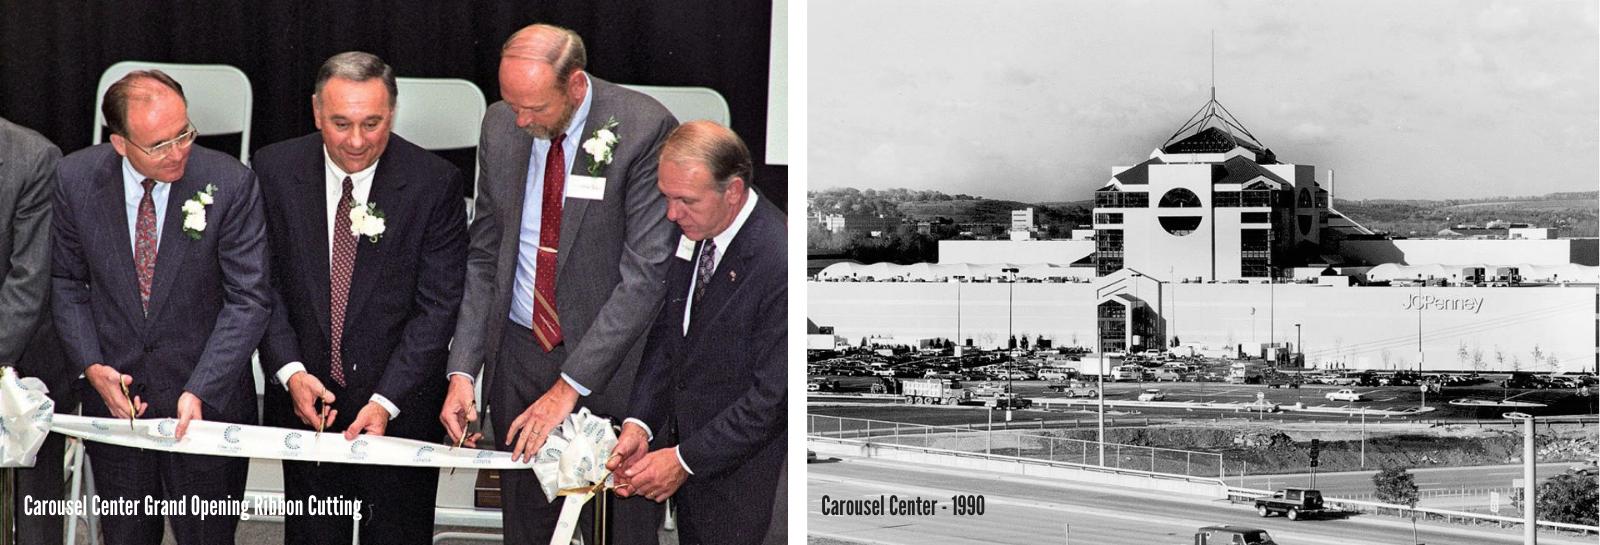 Carousel Center Anniversary Blog Post